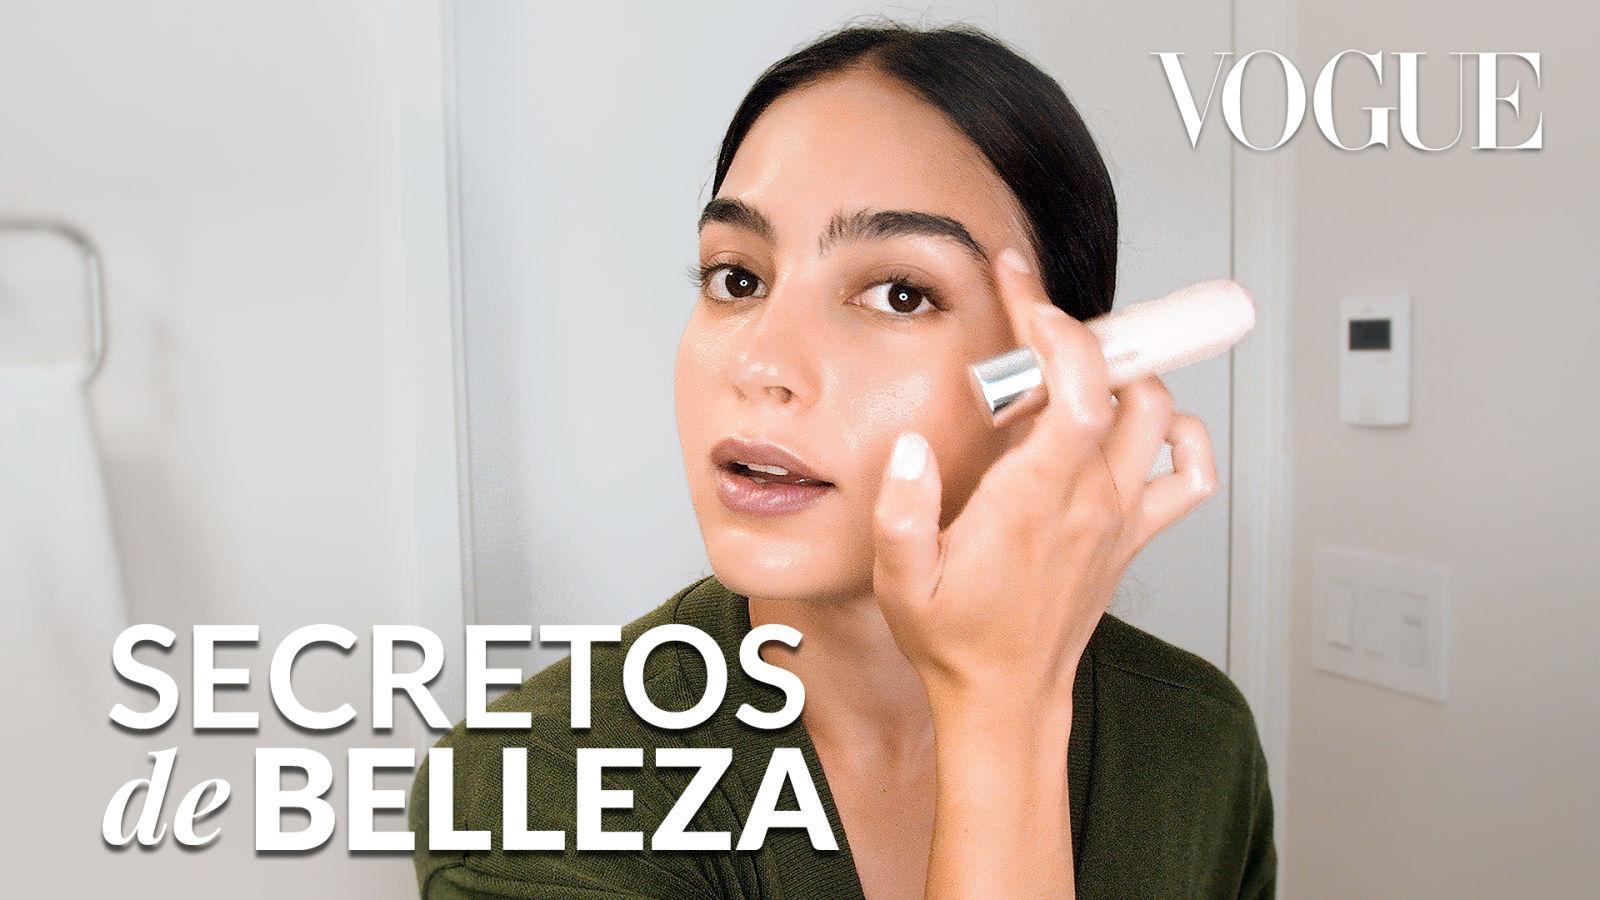 Melissa Barrera y sus secretos de belleza para un no makeup look